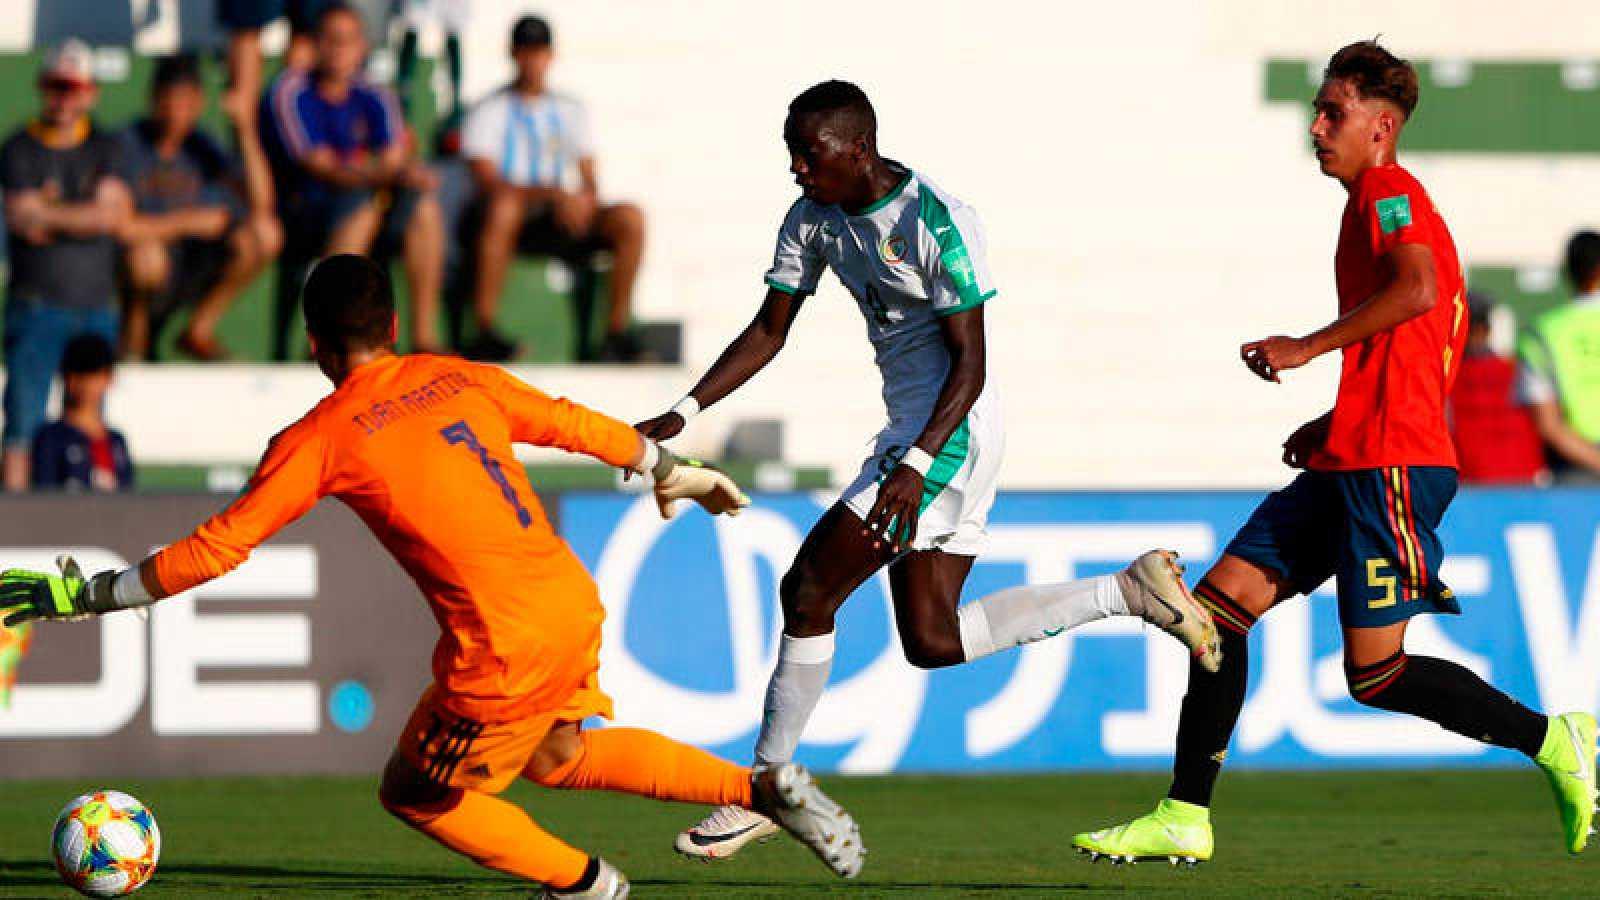 España jugará los cuartos del Mundial tras derrotar a Senegal.